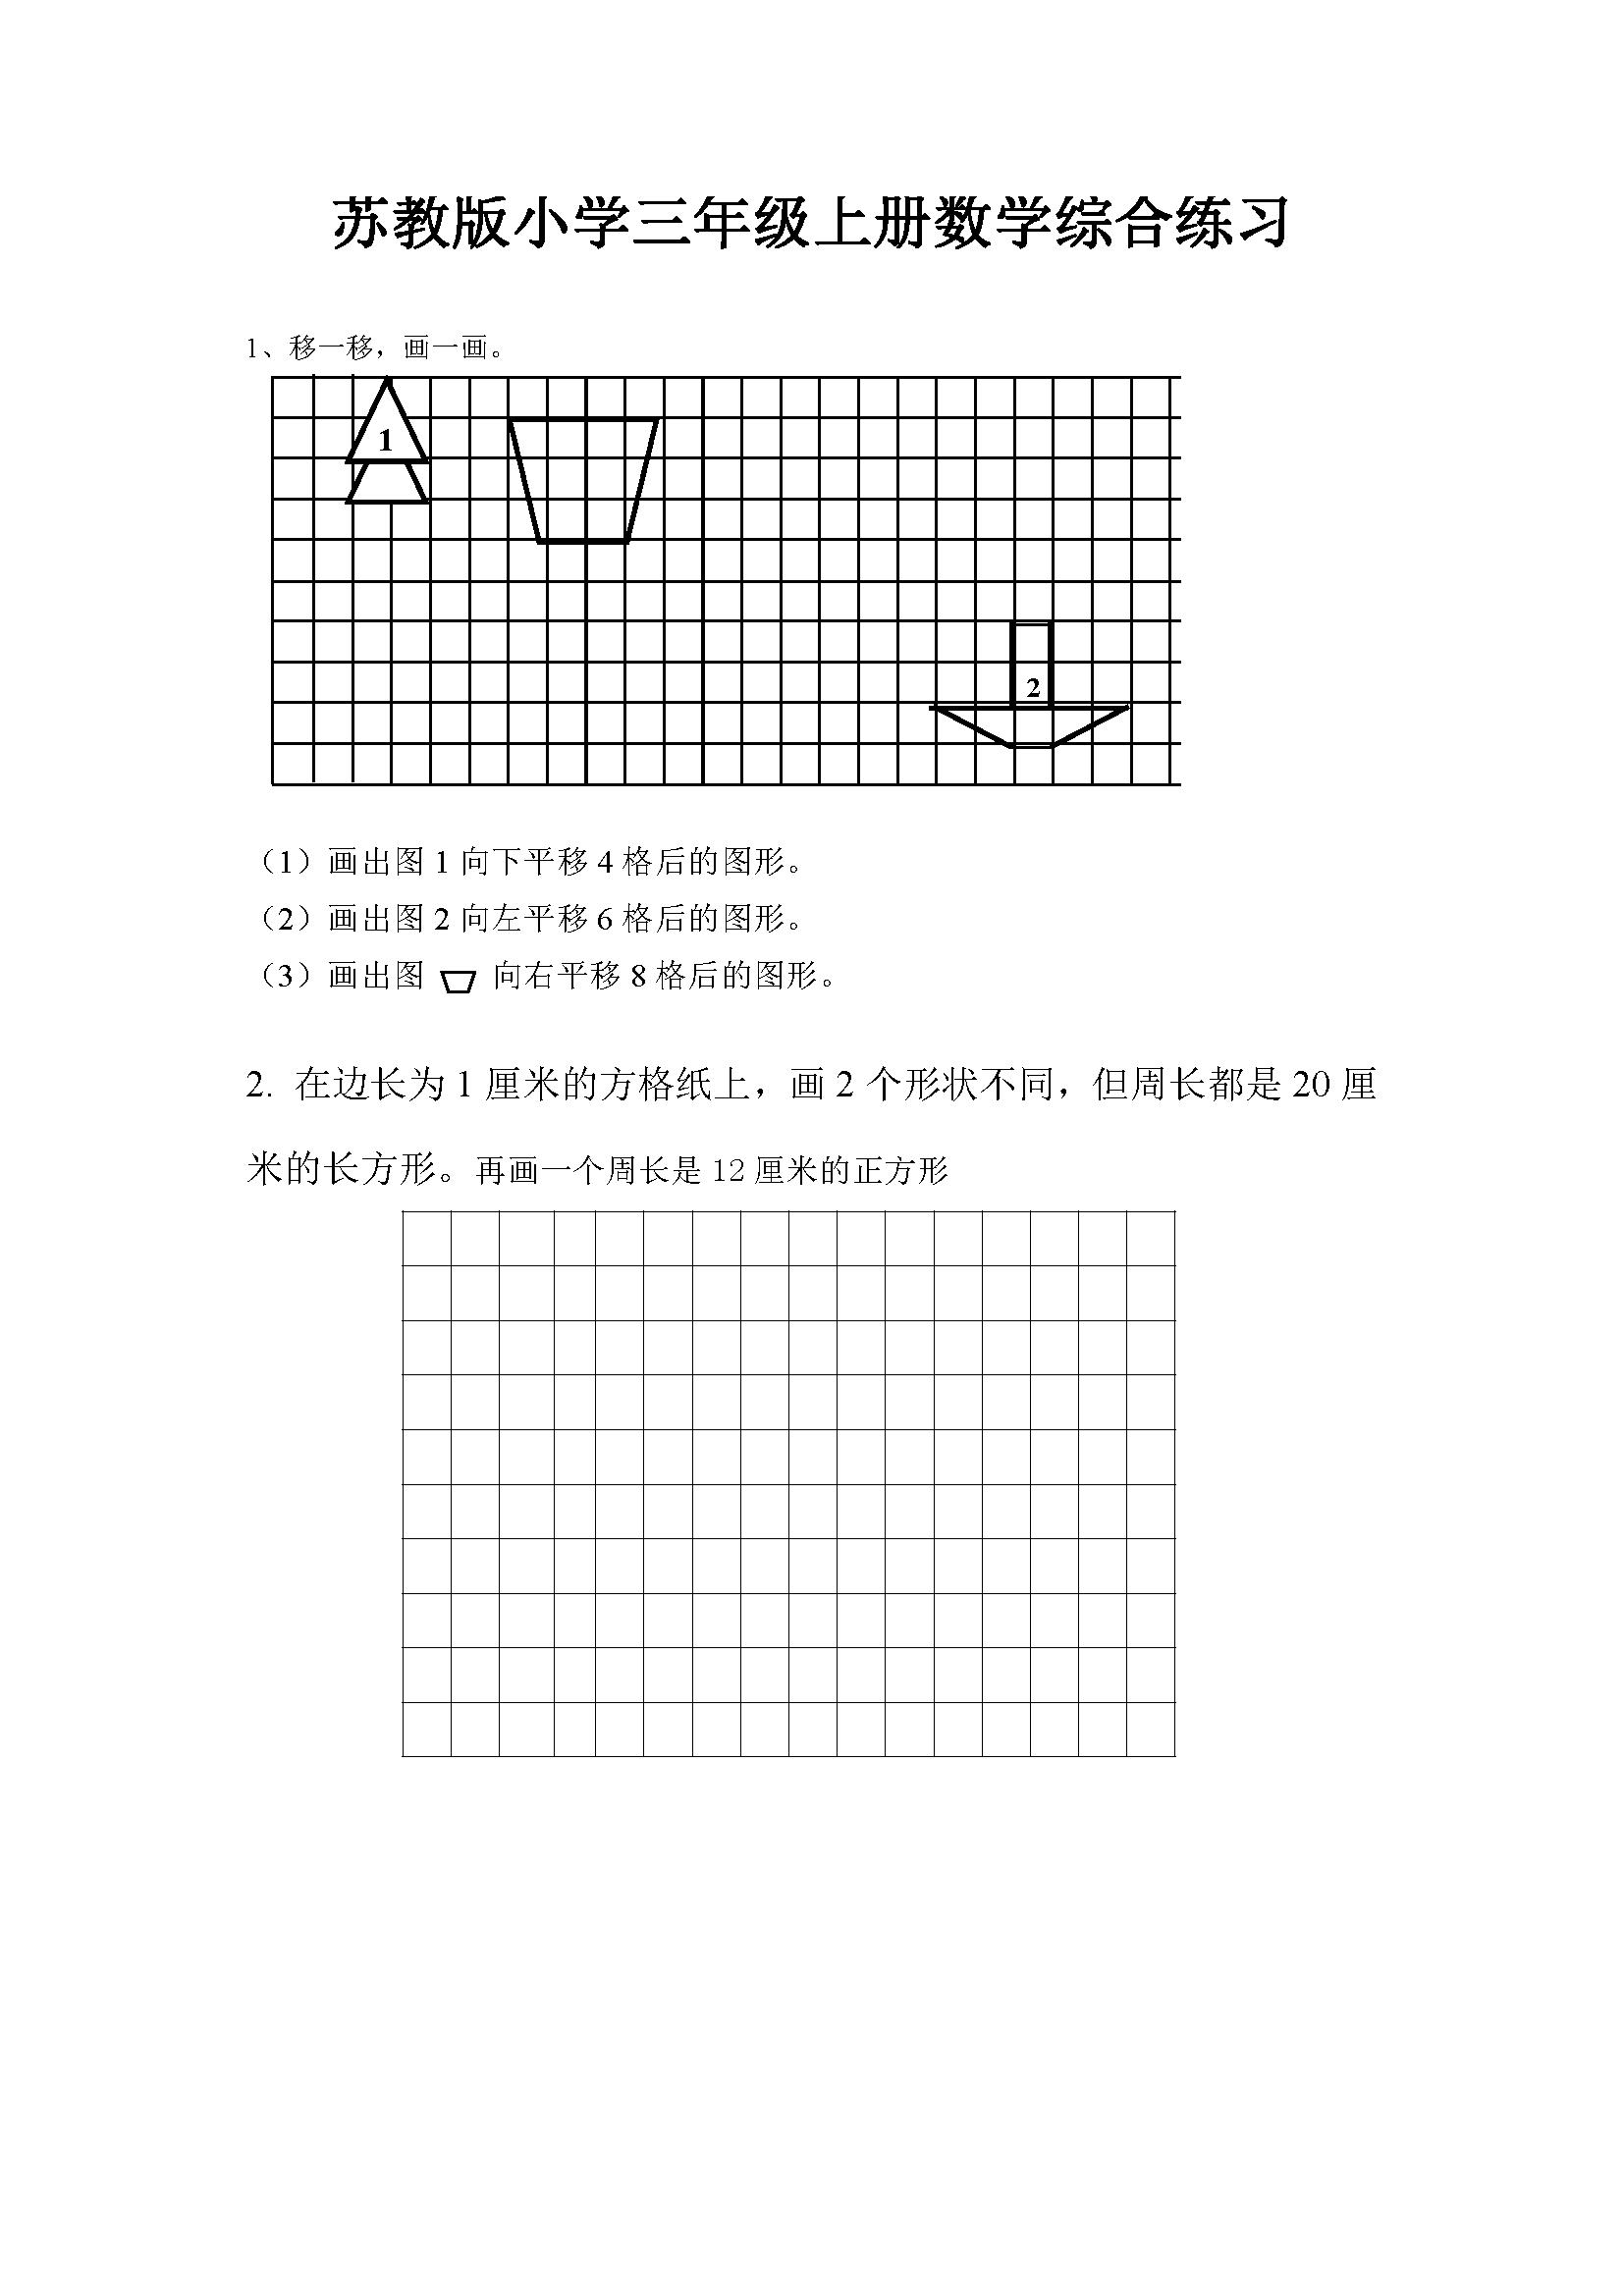 苏教版小学三年级数学上册画图综合练习_页面_1.png